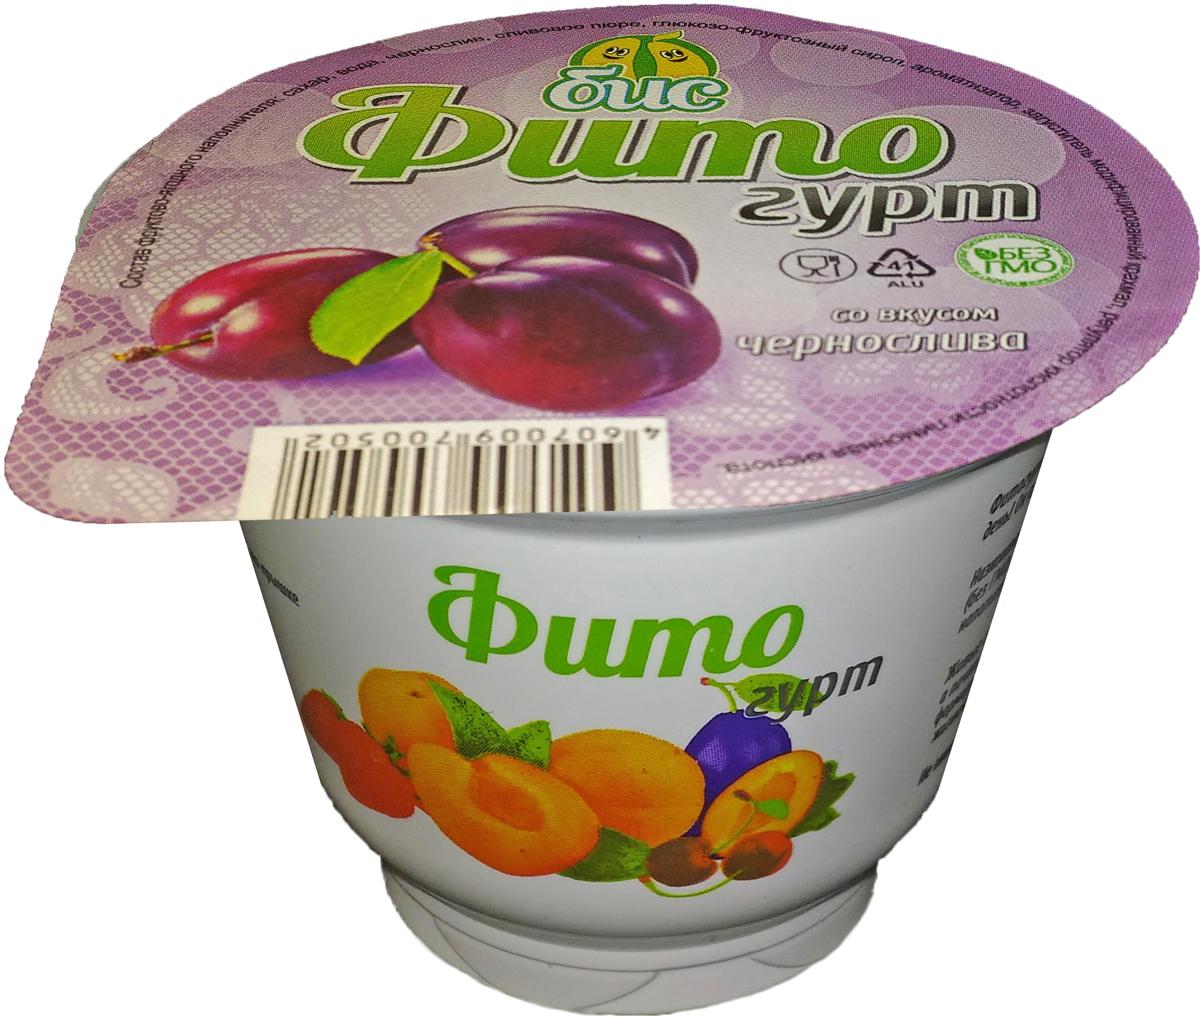 Боб и Соя Фитогурт с Черносливом, соевый 2%, 200 г цена